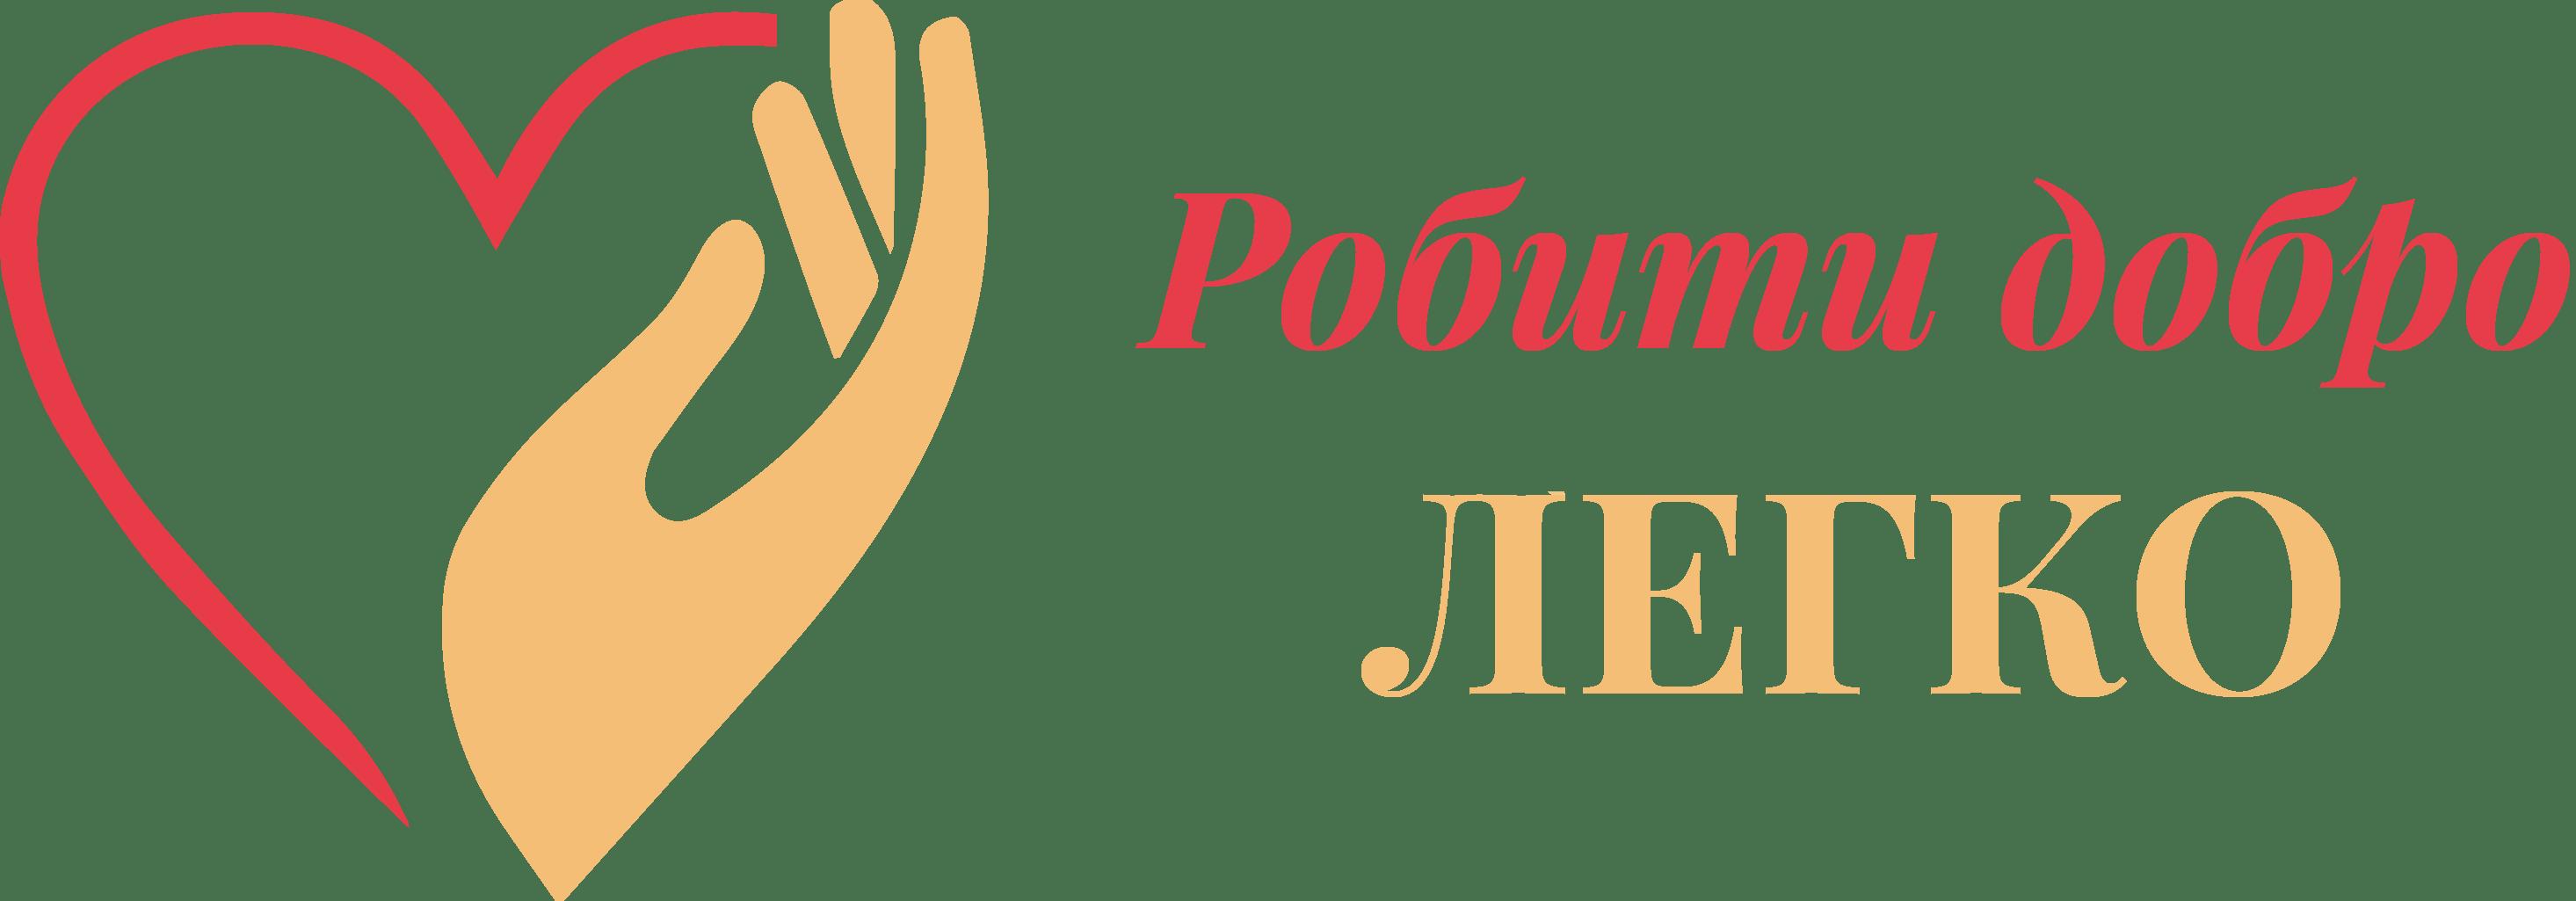 Логотип соціального підприємництва ``Робити добро легко``